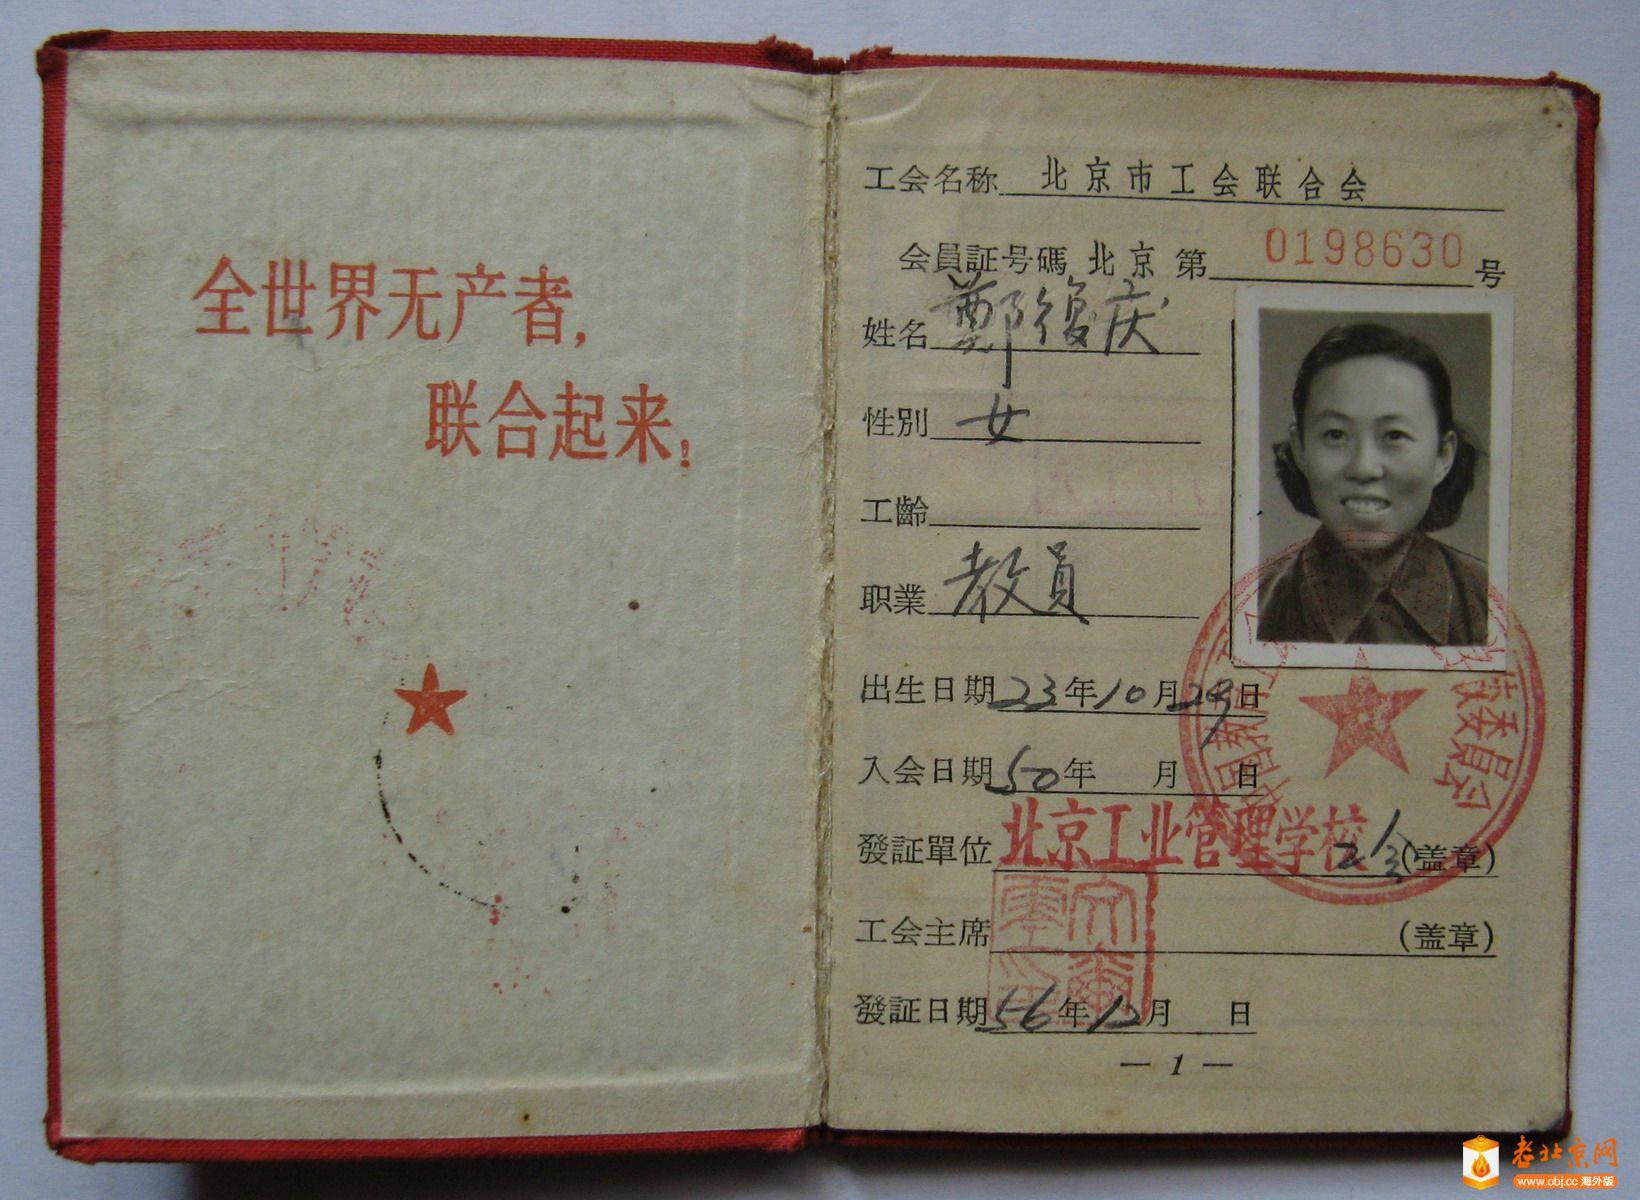 1956郑复庆工会会员证b.jpg